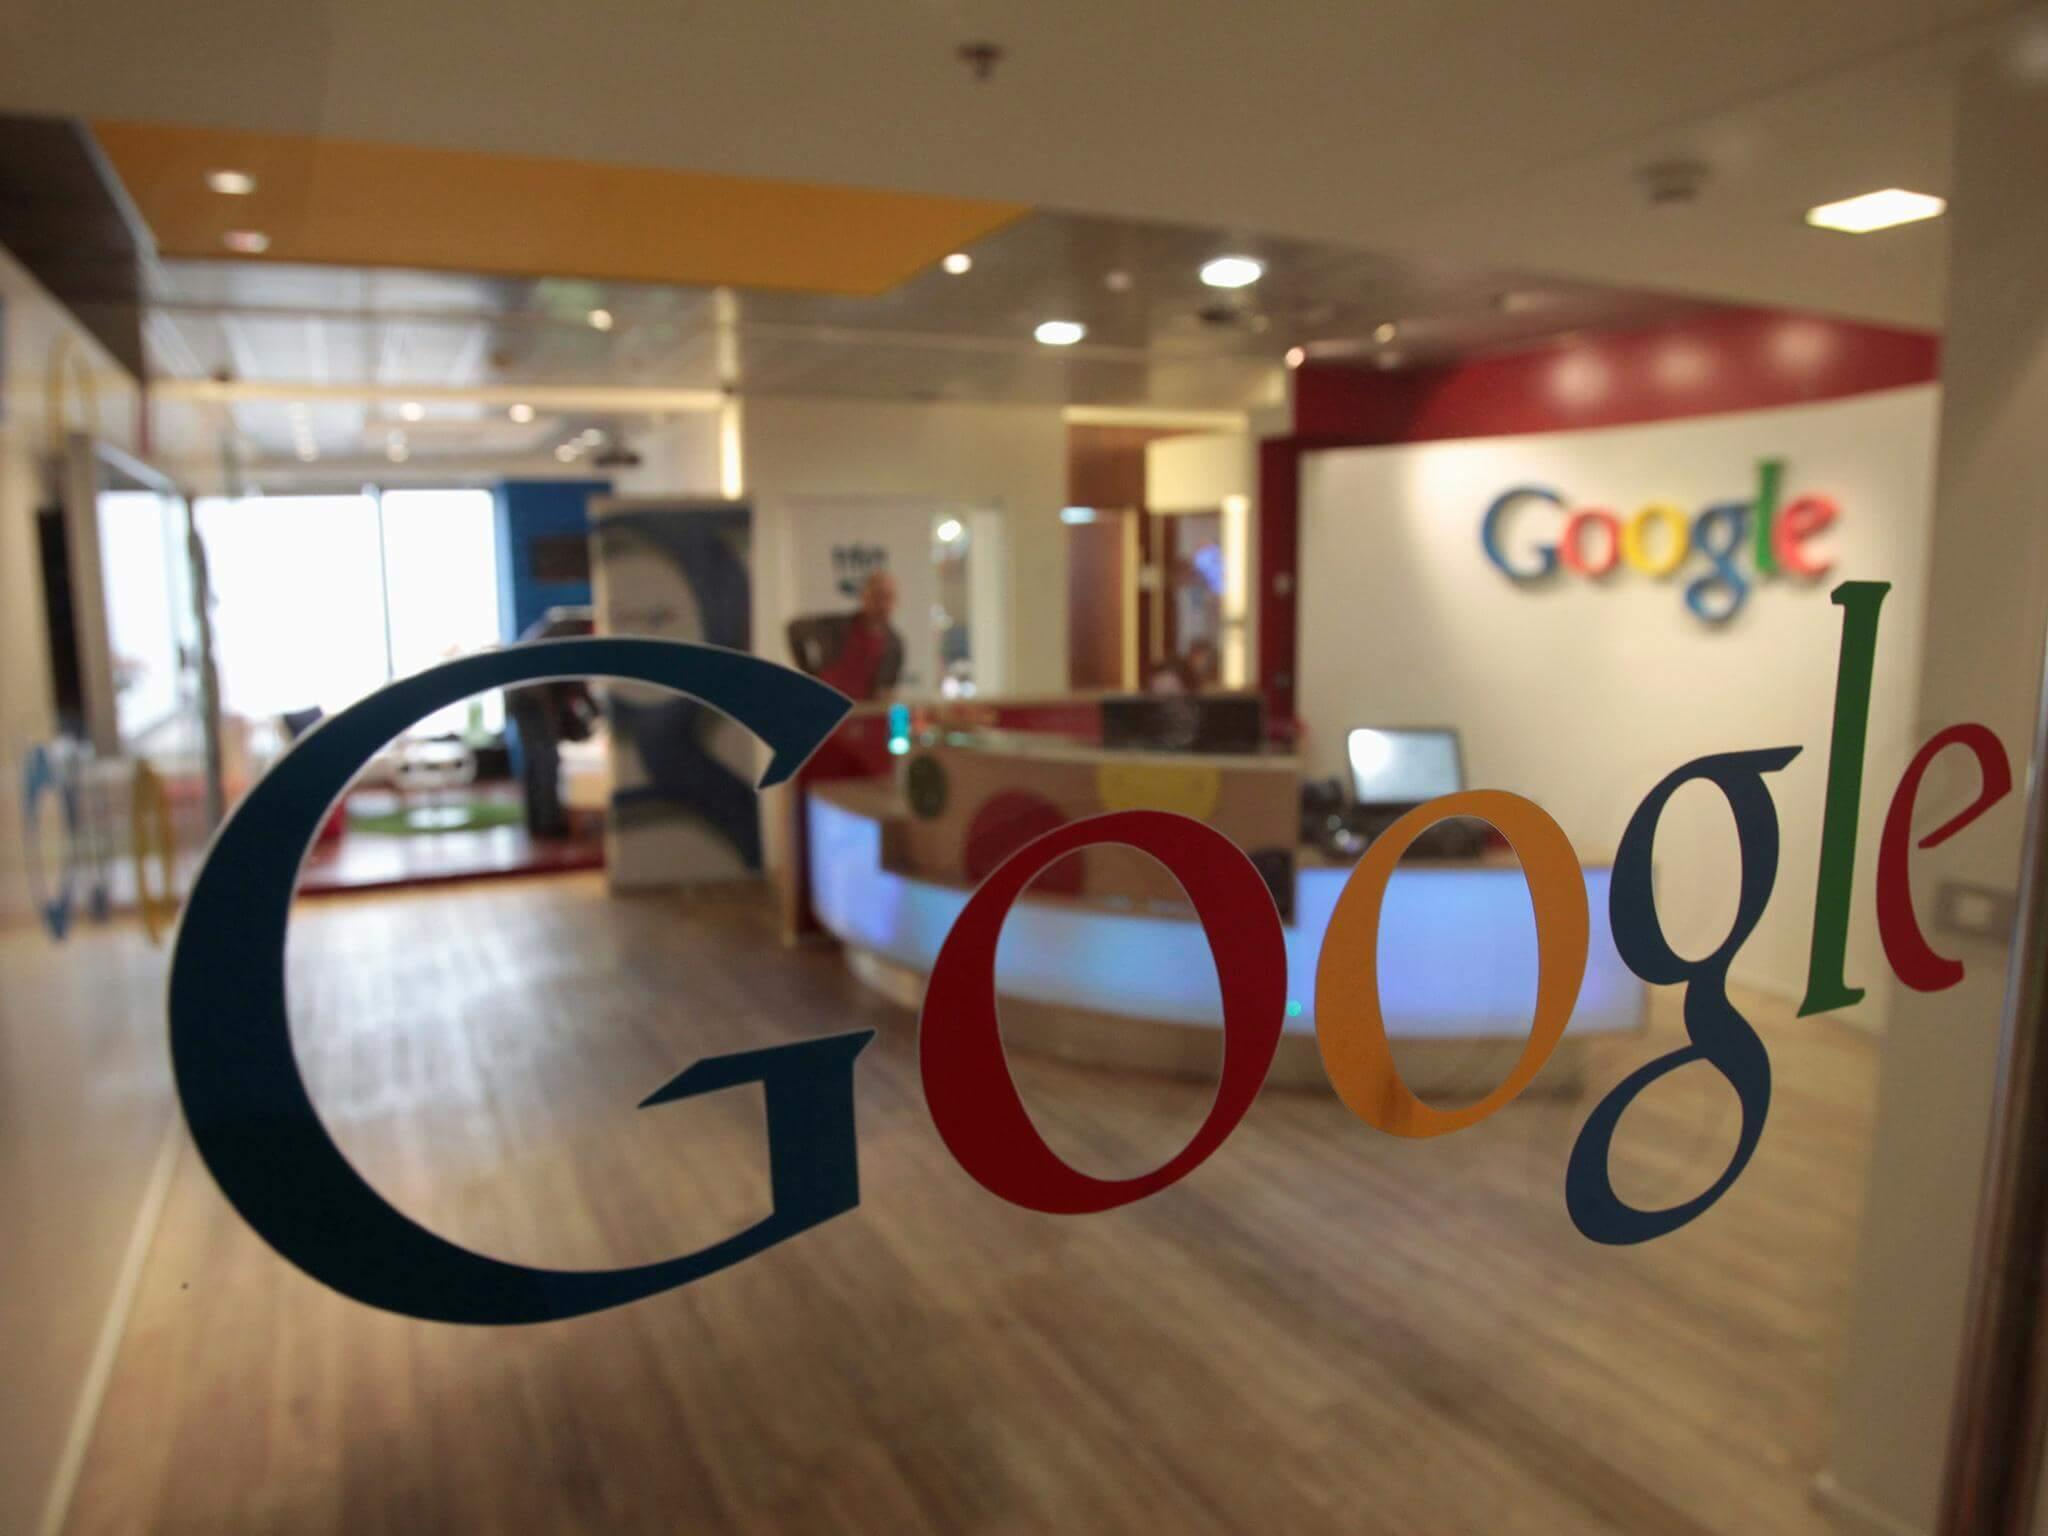 السلطات الأمريكية ترفع دعاوى قضائية ضد Google